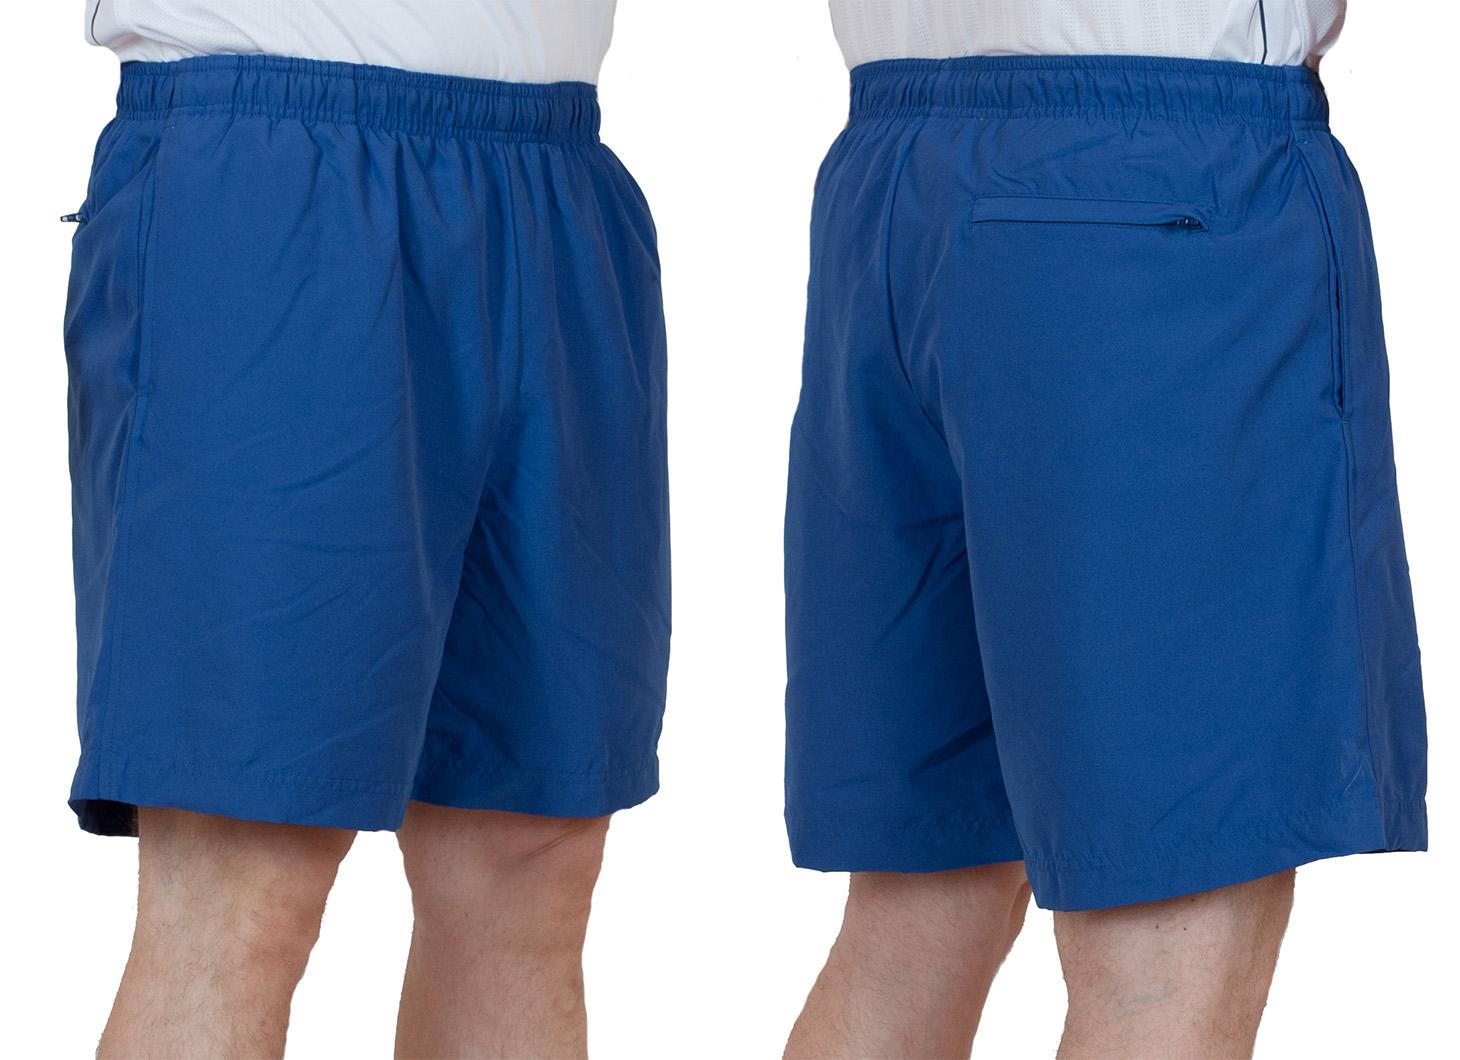 Итальянские шорты для мужчин Fila - общий вид